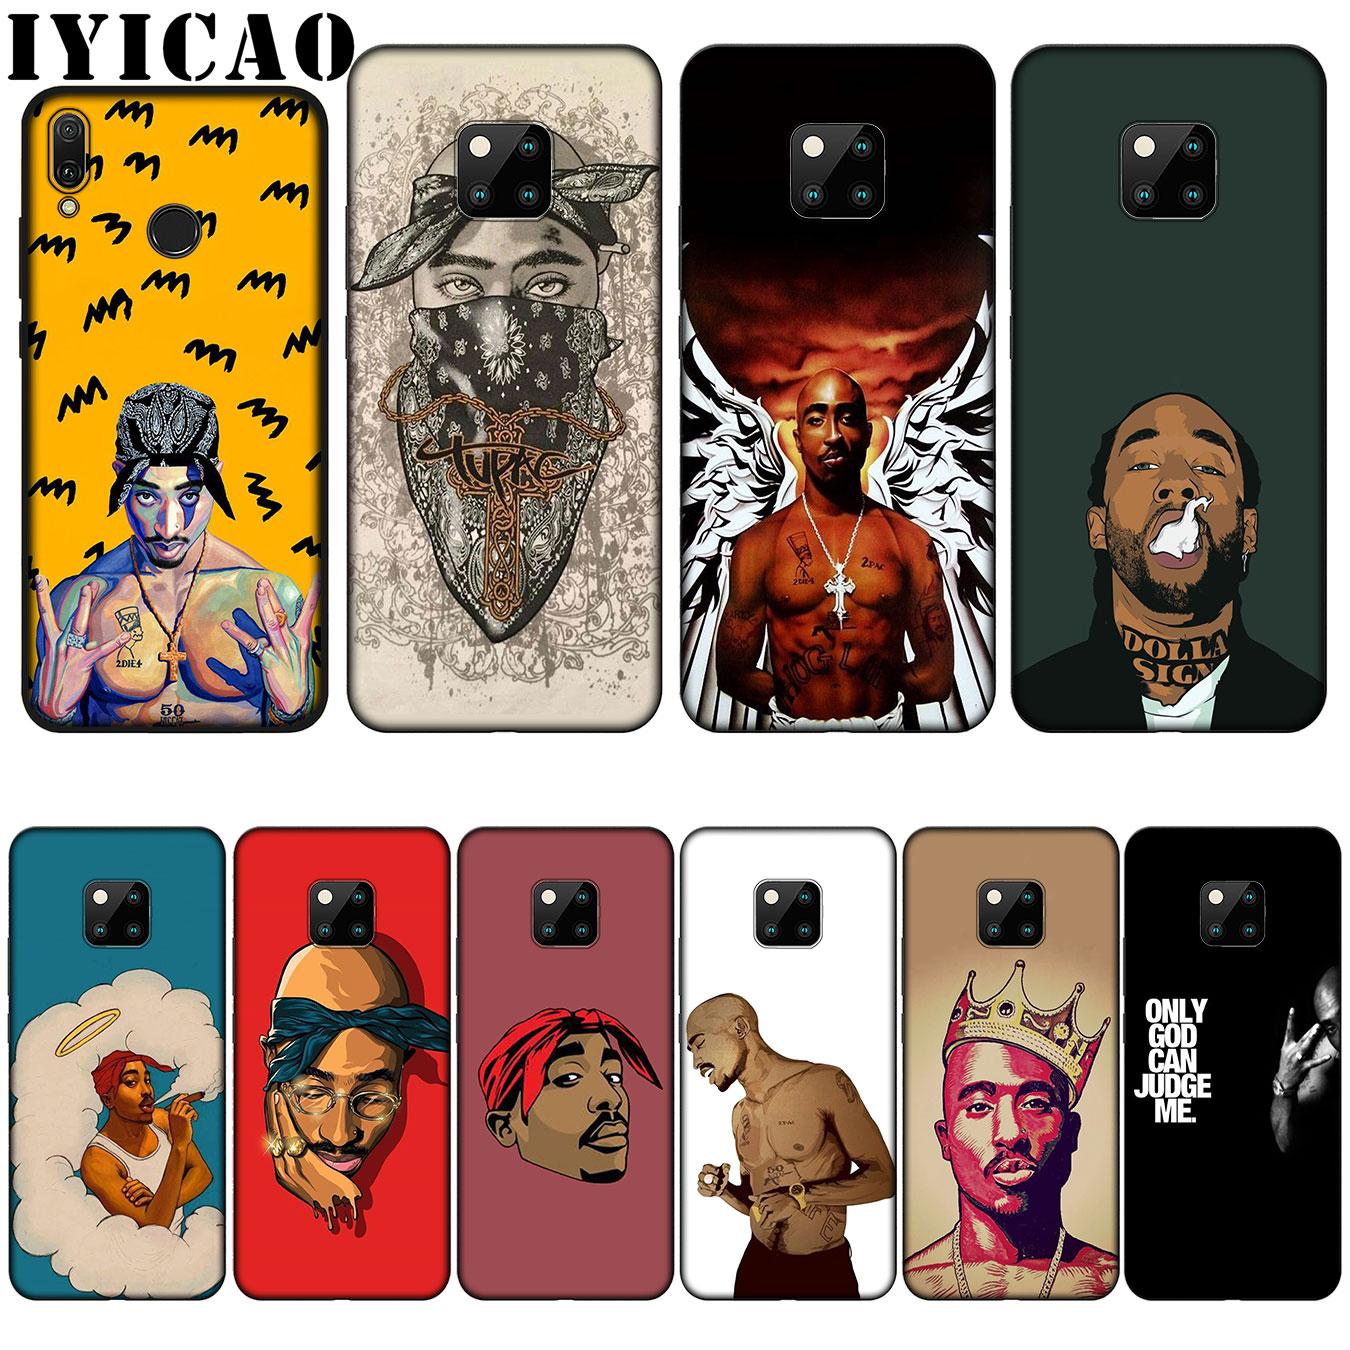 [해외]IYICAO 2Pac Tupac Shakur Super Deal Mobile Silicone Soft Case for Huawei Nova 3 3i 2i for Huawei Mate 20 10 Pro Lite/IYICAO 2Pac Tupac Shakur Supe